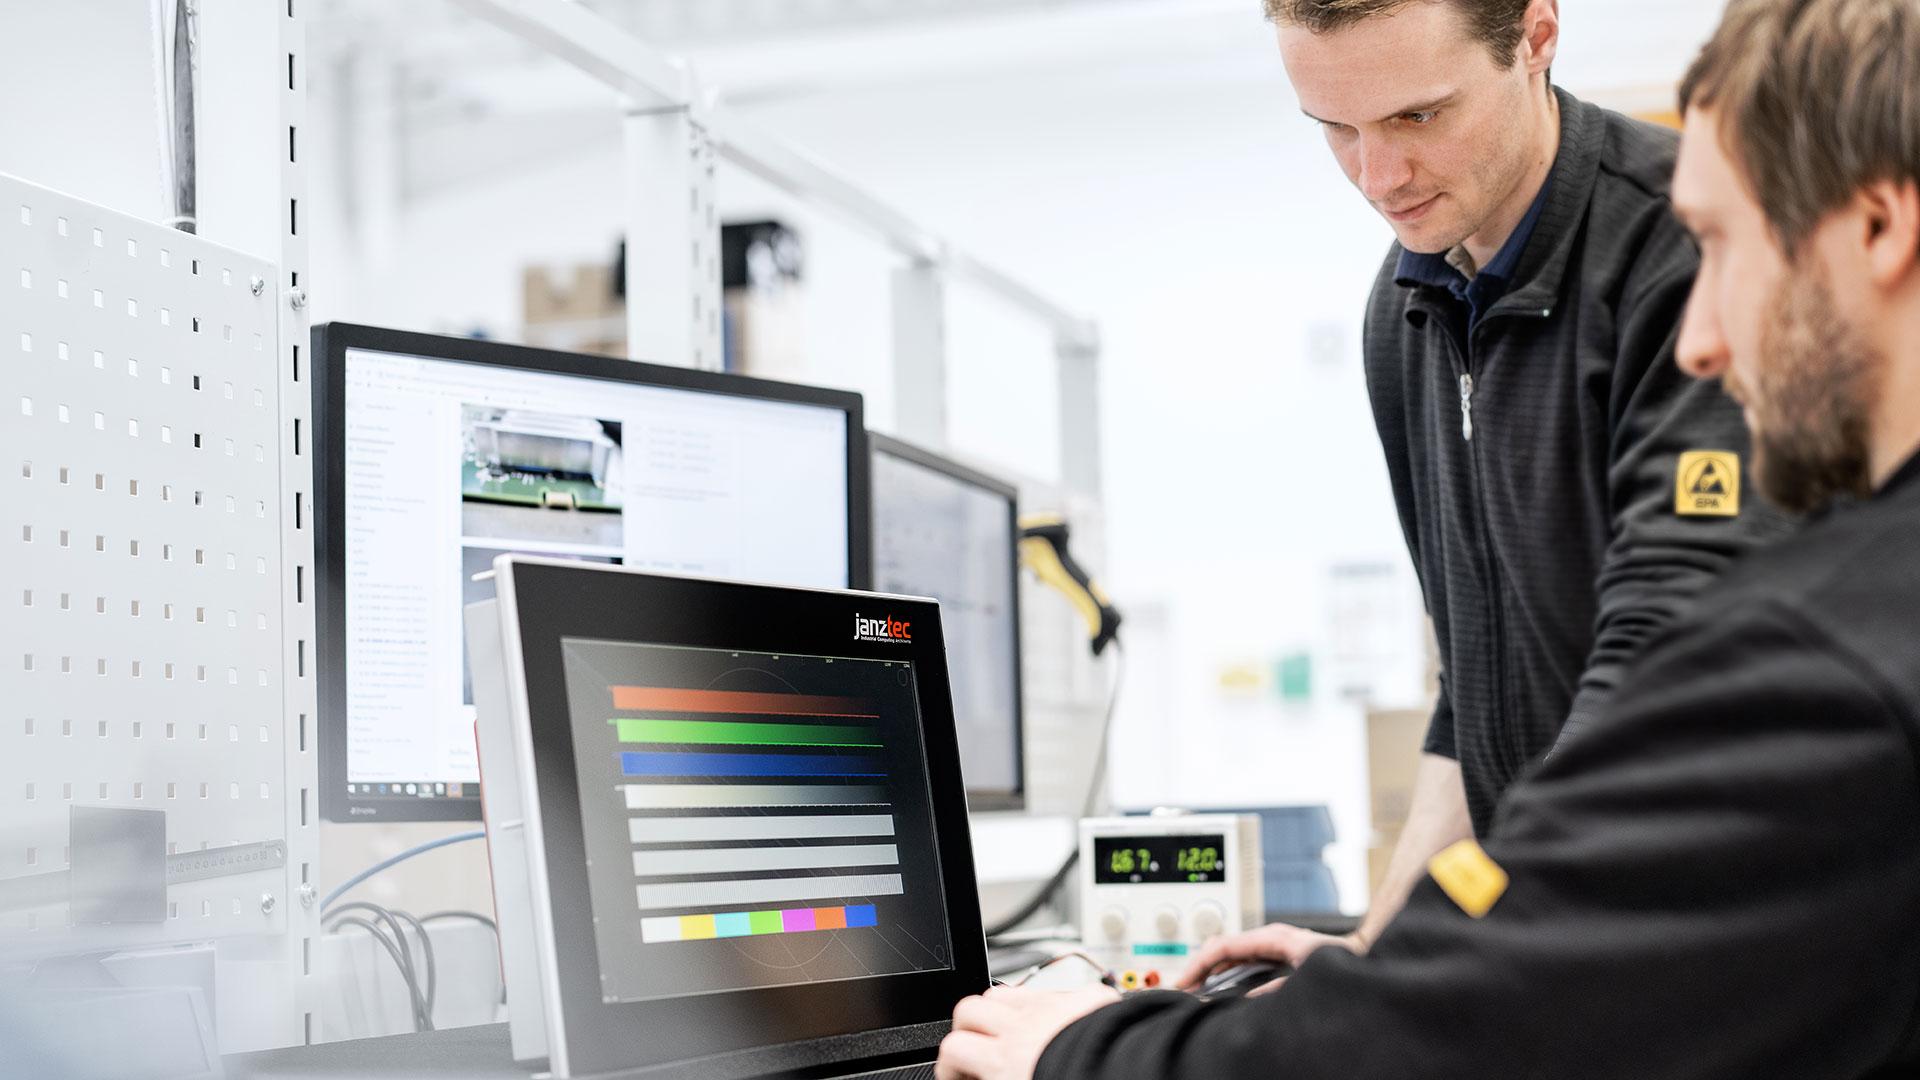 Janz Tec Industrial-IoT Software Engineering